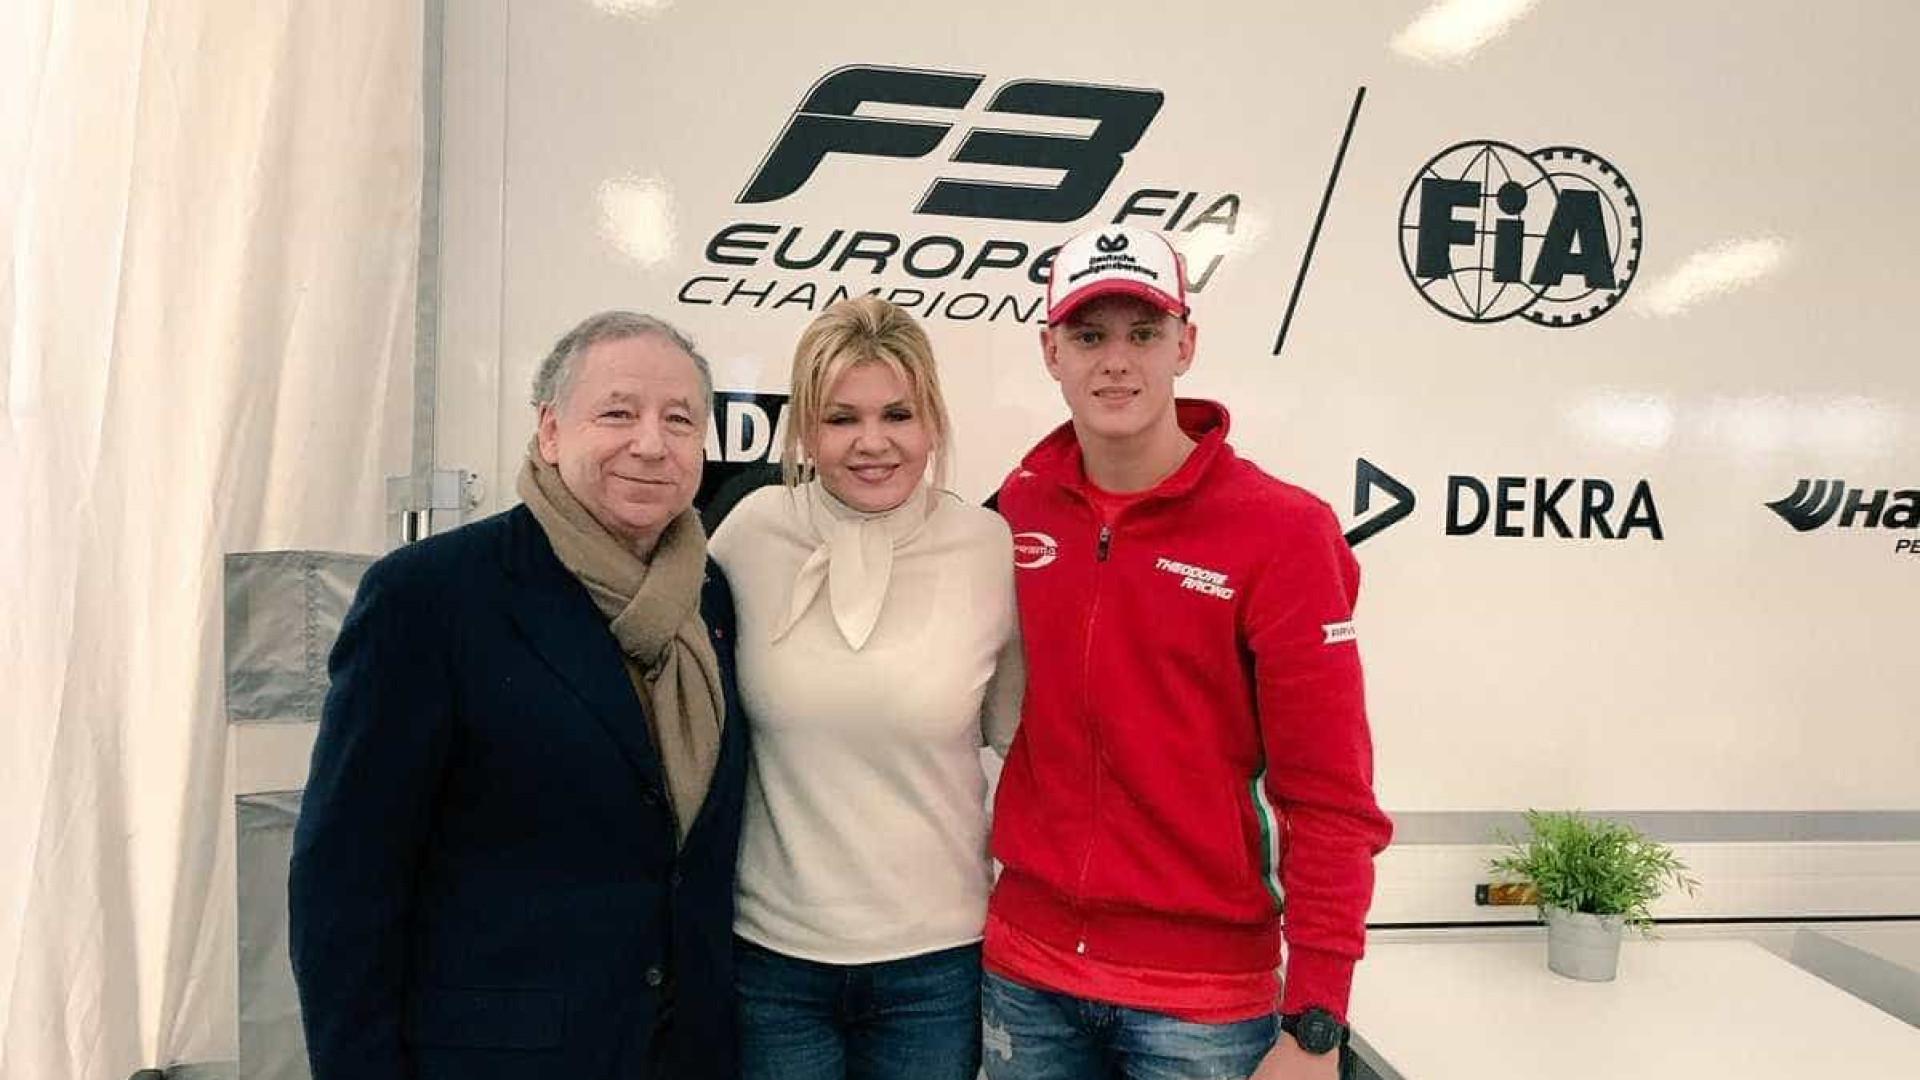 Esposa de Schumacher reaparece em público  para ver corrida do filho